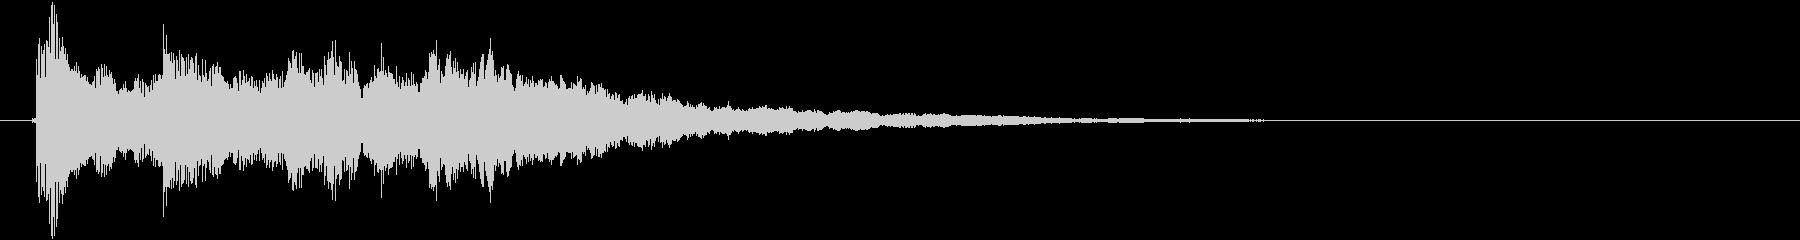 音楽ロゴ;スパイ映画エレクトリック...の未再生の波形